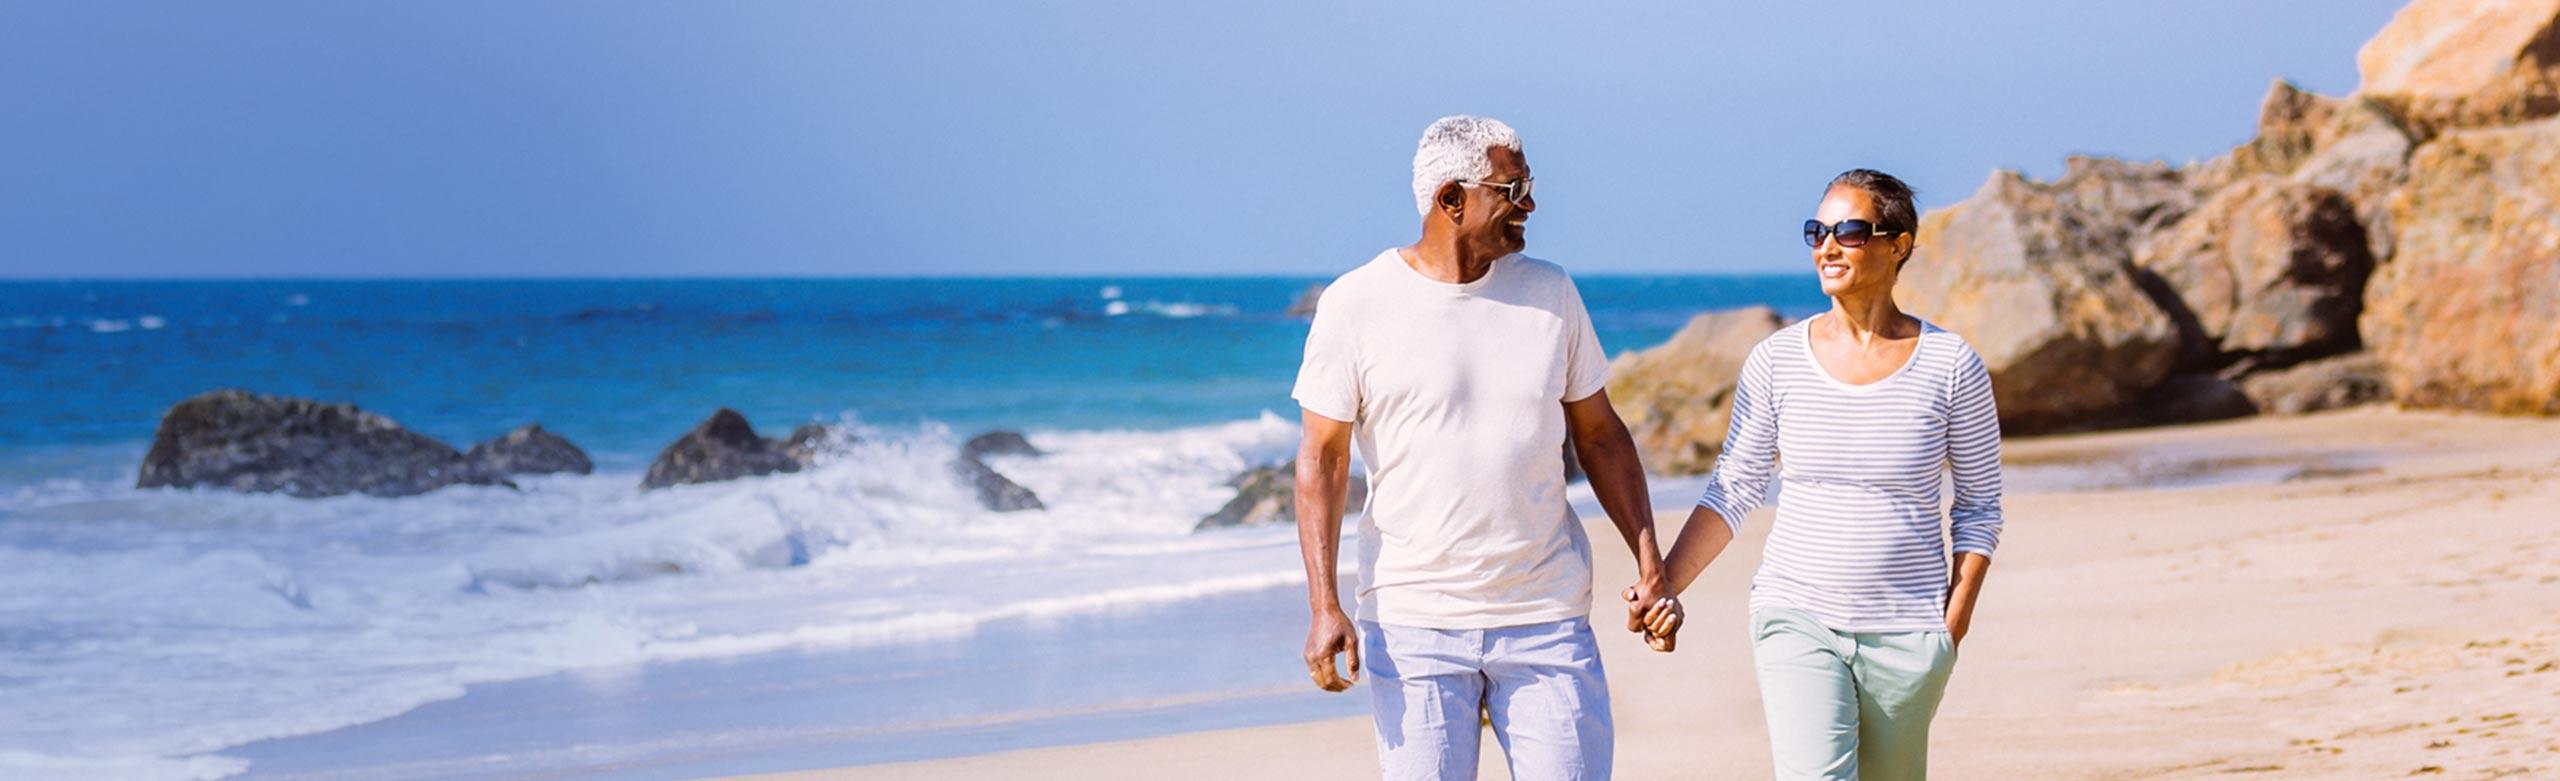 夫婦在海灘上牽手